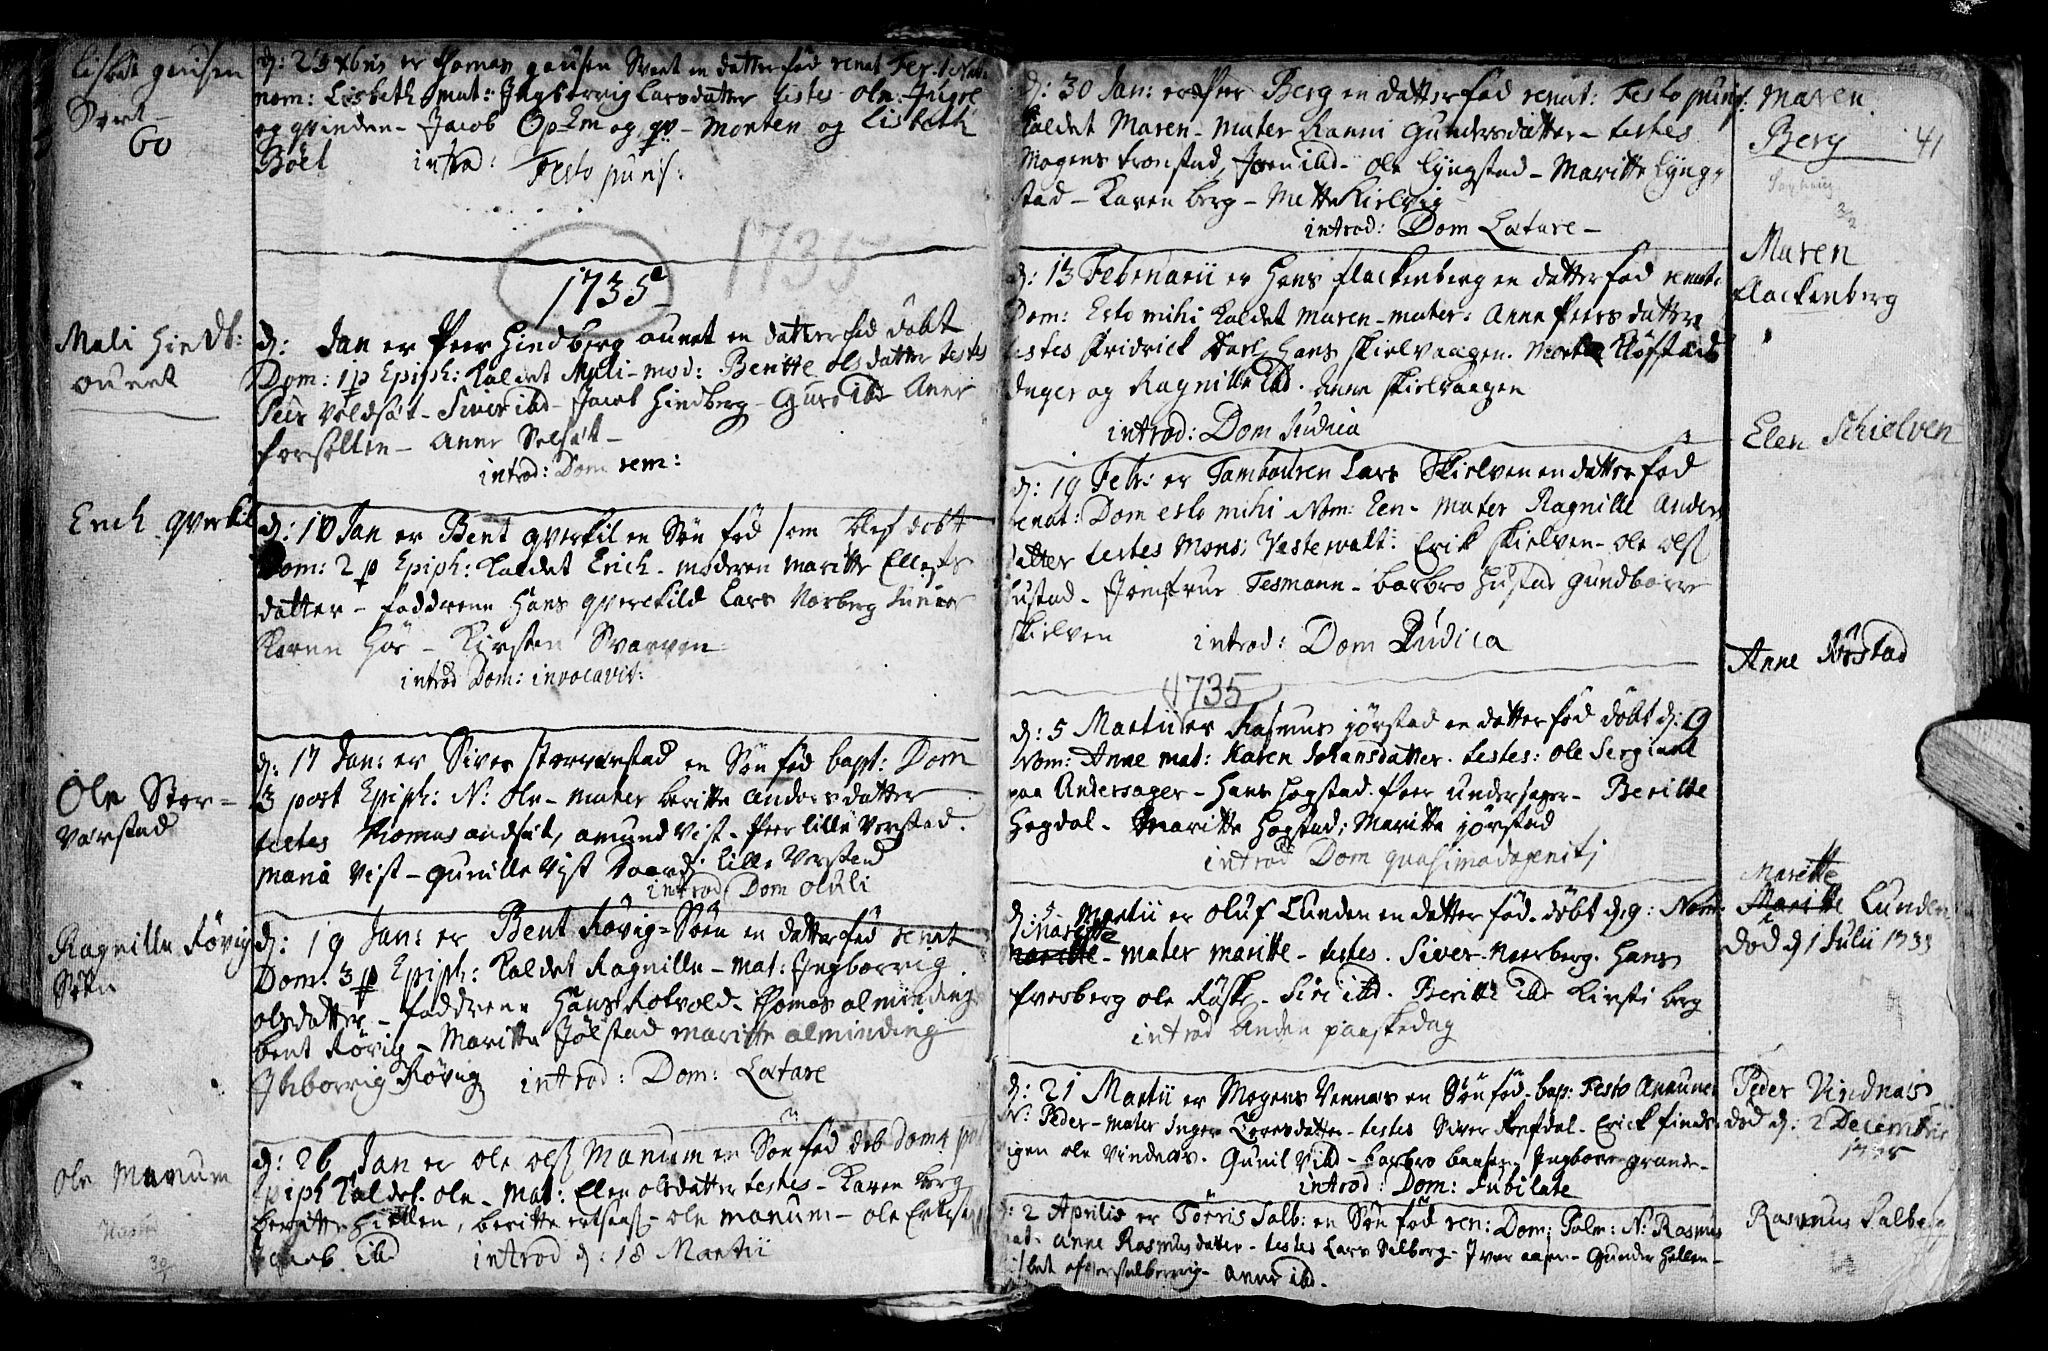 SAT, Ministerialprotokoller, klokkerbøker og fødselsregistre - Nord-Trøndelag, 730/L0272: Ministerialbok nr. 730A01, 1733-1764, s. 41